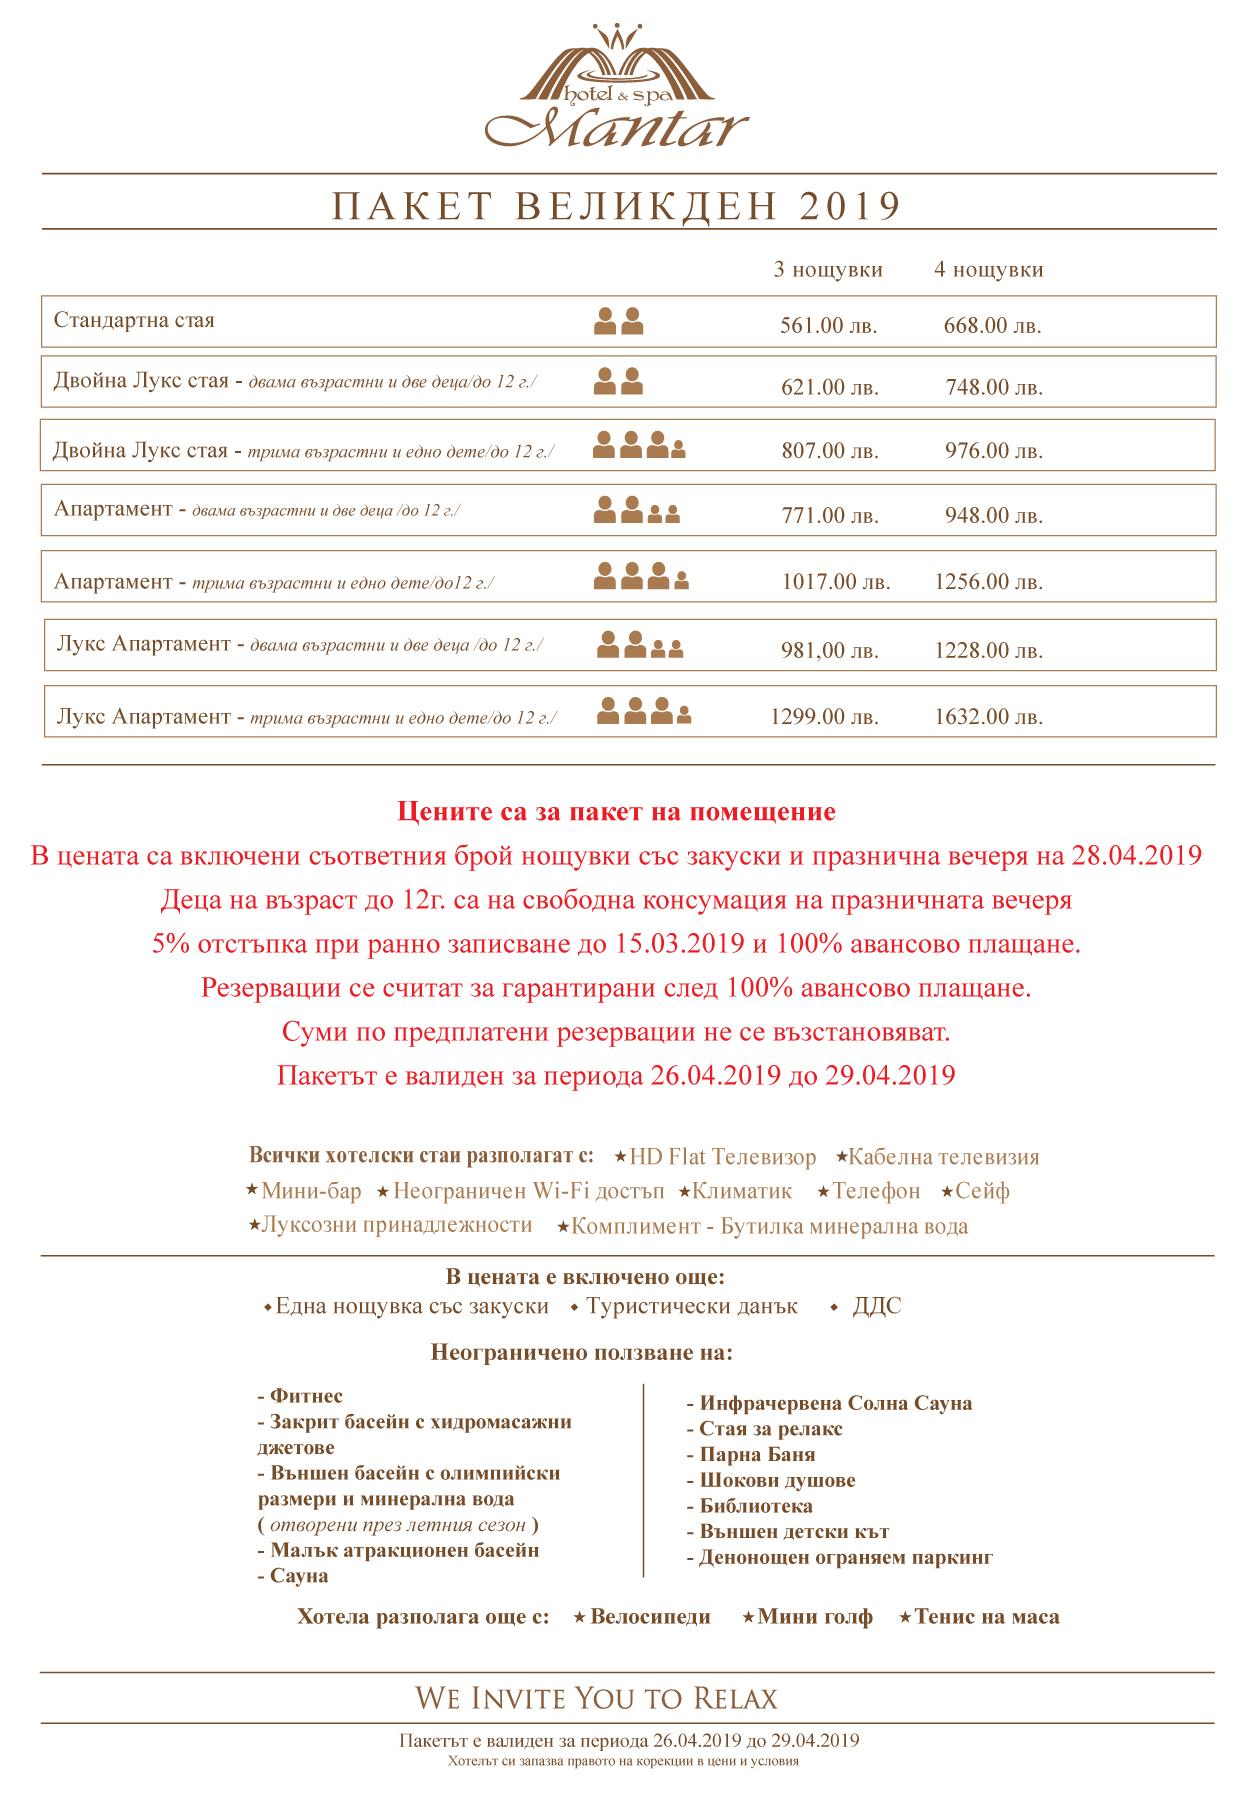 Hotel-Mantar-Price-Velikden